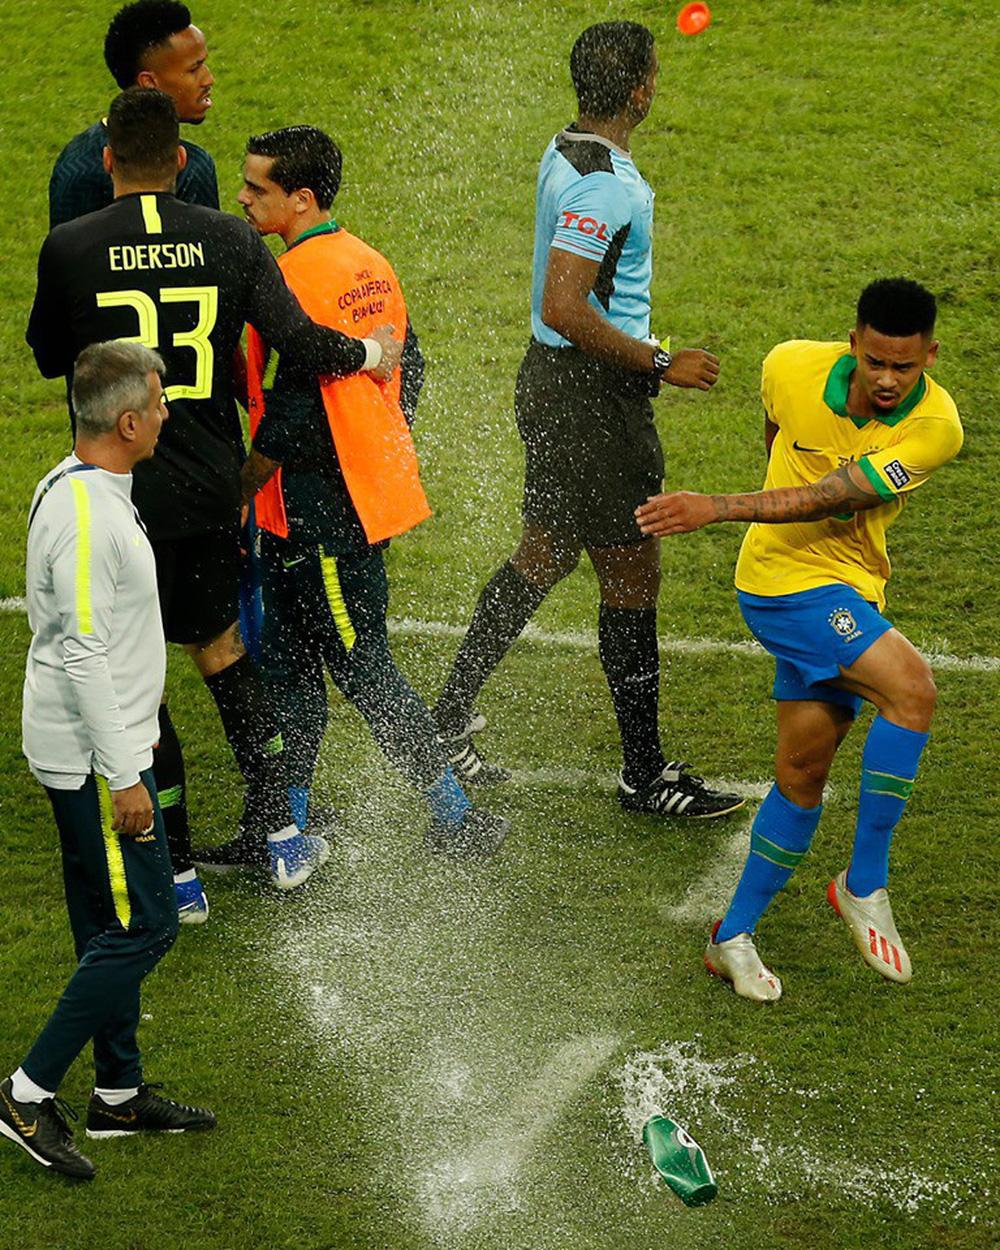 Ghi bàn, kiến tạo rồi ăn thẻ đỏ, tiền đạo Brazil sút tung chai nước, đẩy ngã màn hình VAR rồi khóc như trẻ con trong đường hầm - Ảnh 2.